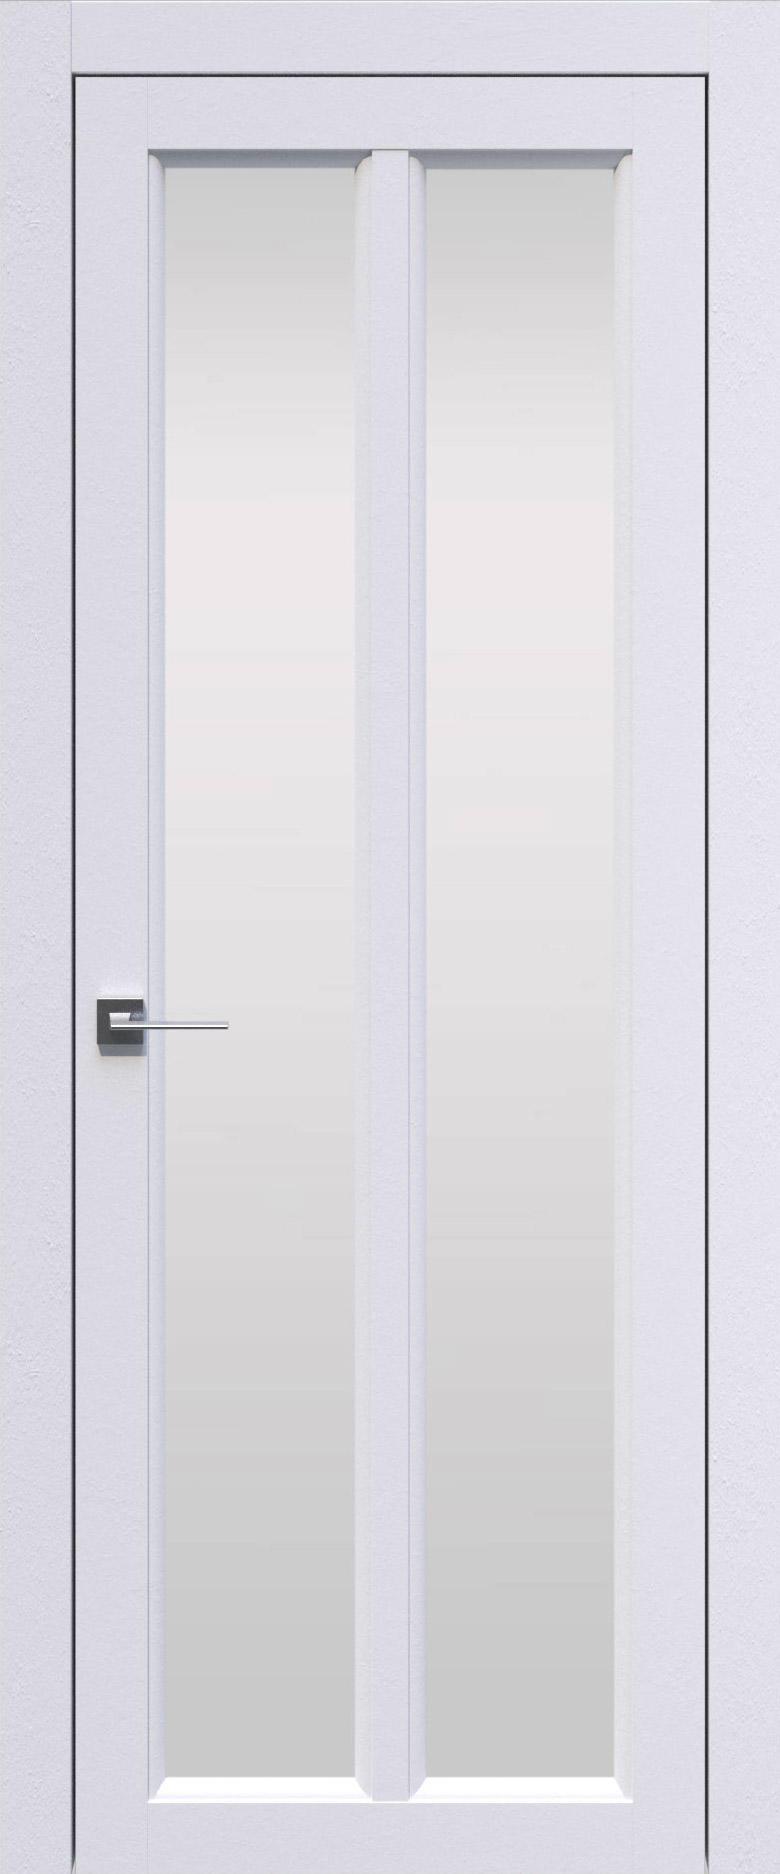 Sorrento-R Д4 цвет - Арктик белый Со стеклом (ДО)